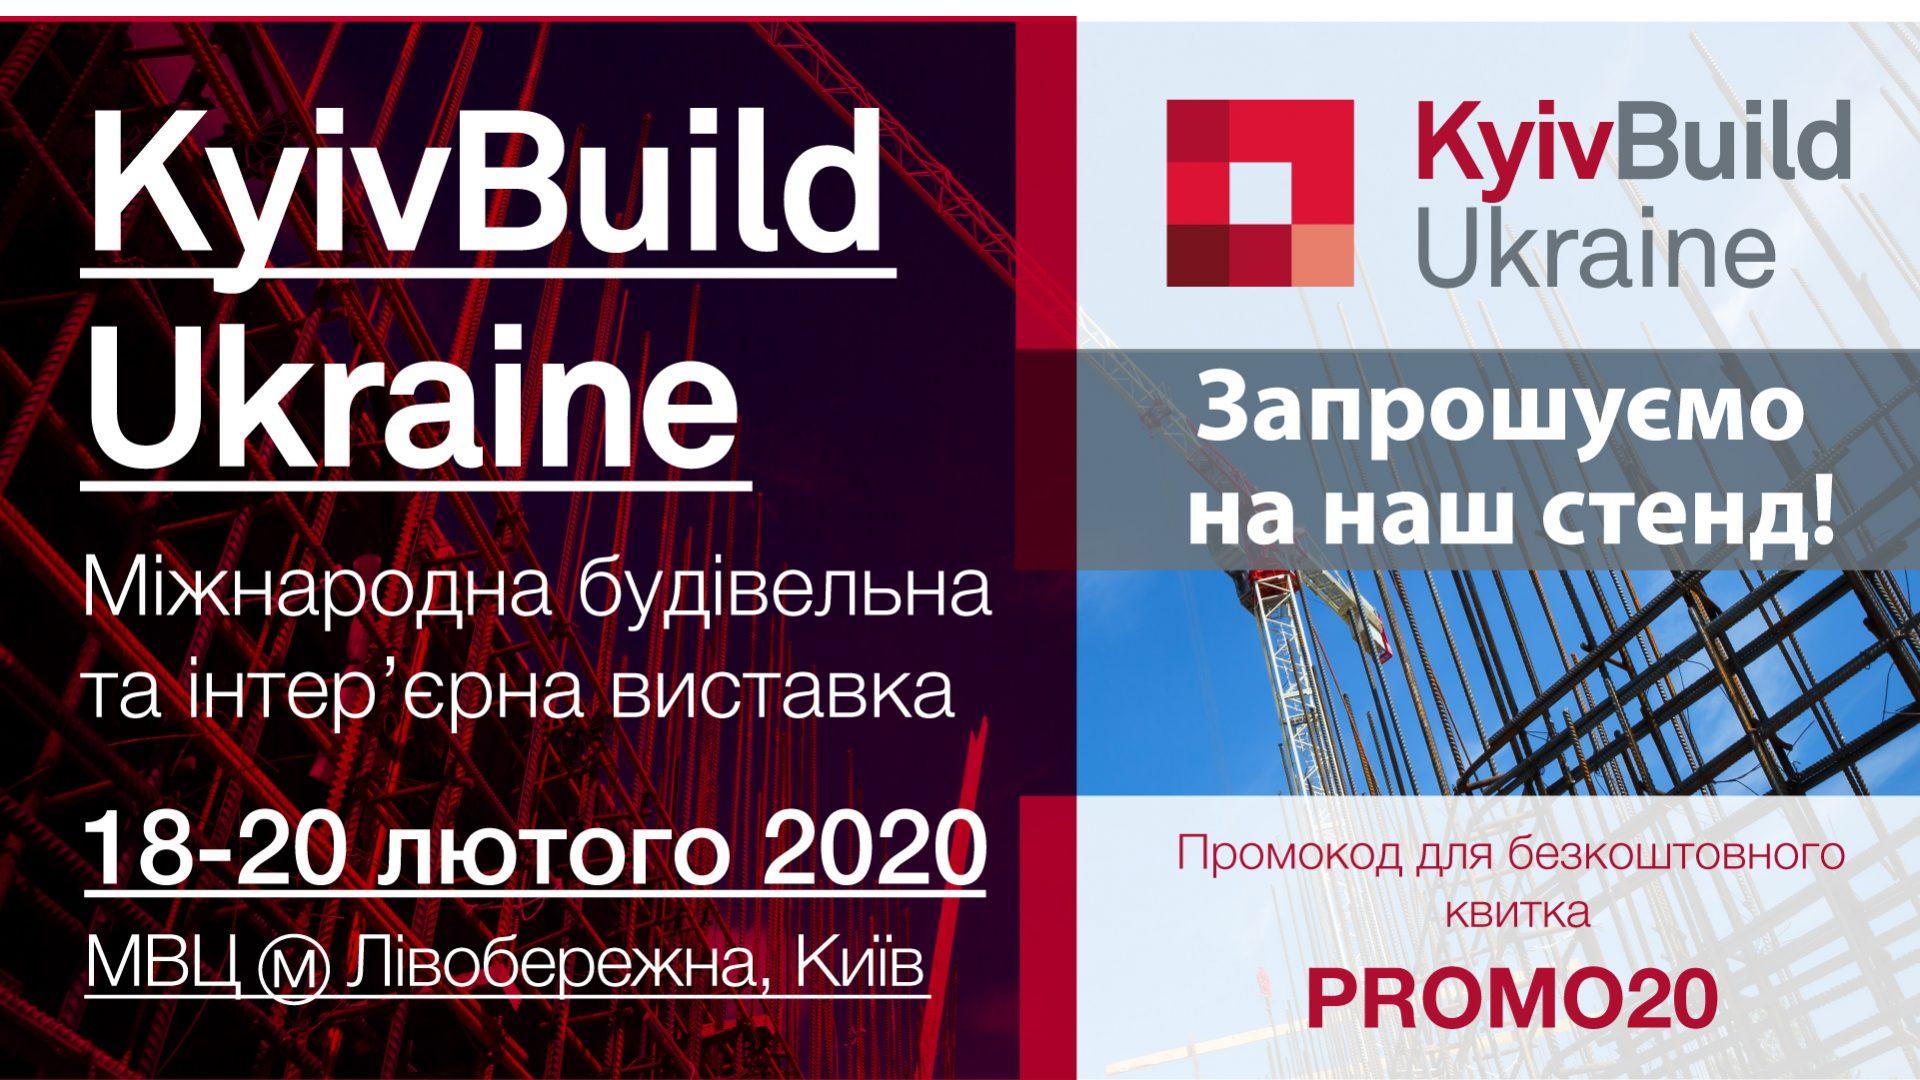 1920x1080_cover_2020_rus+ukr-01